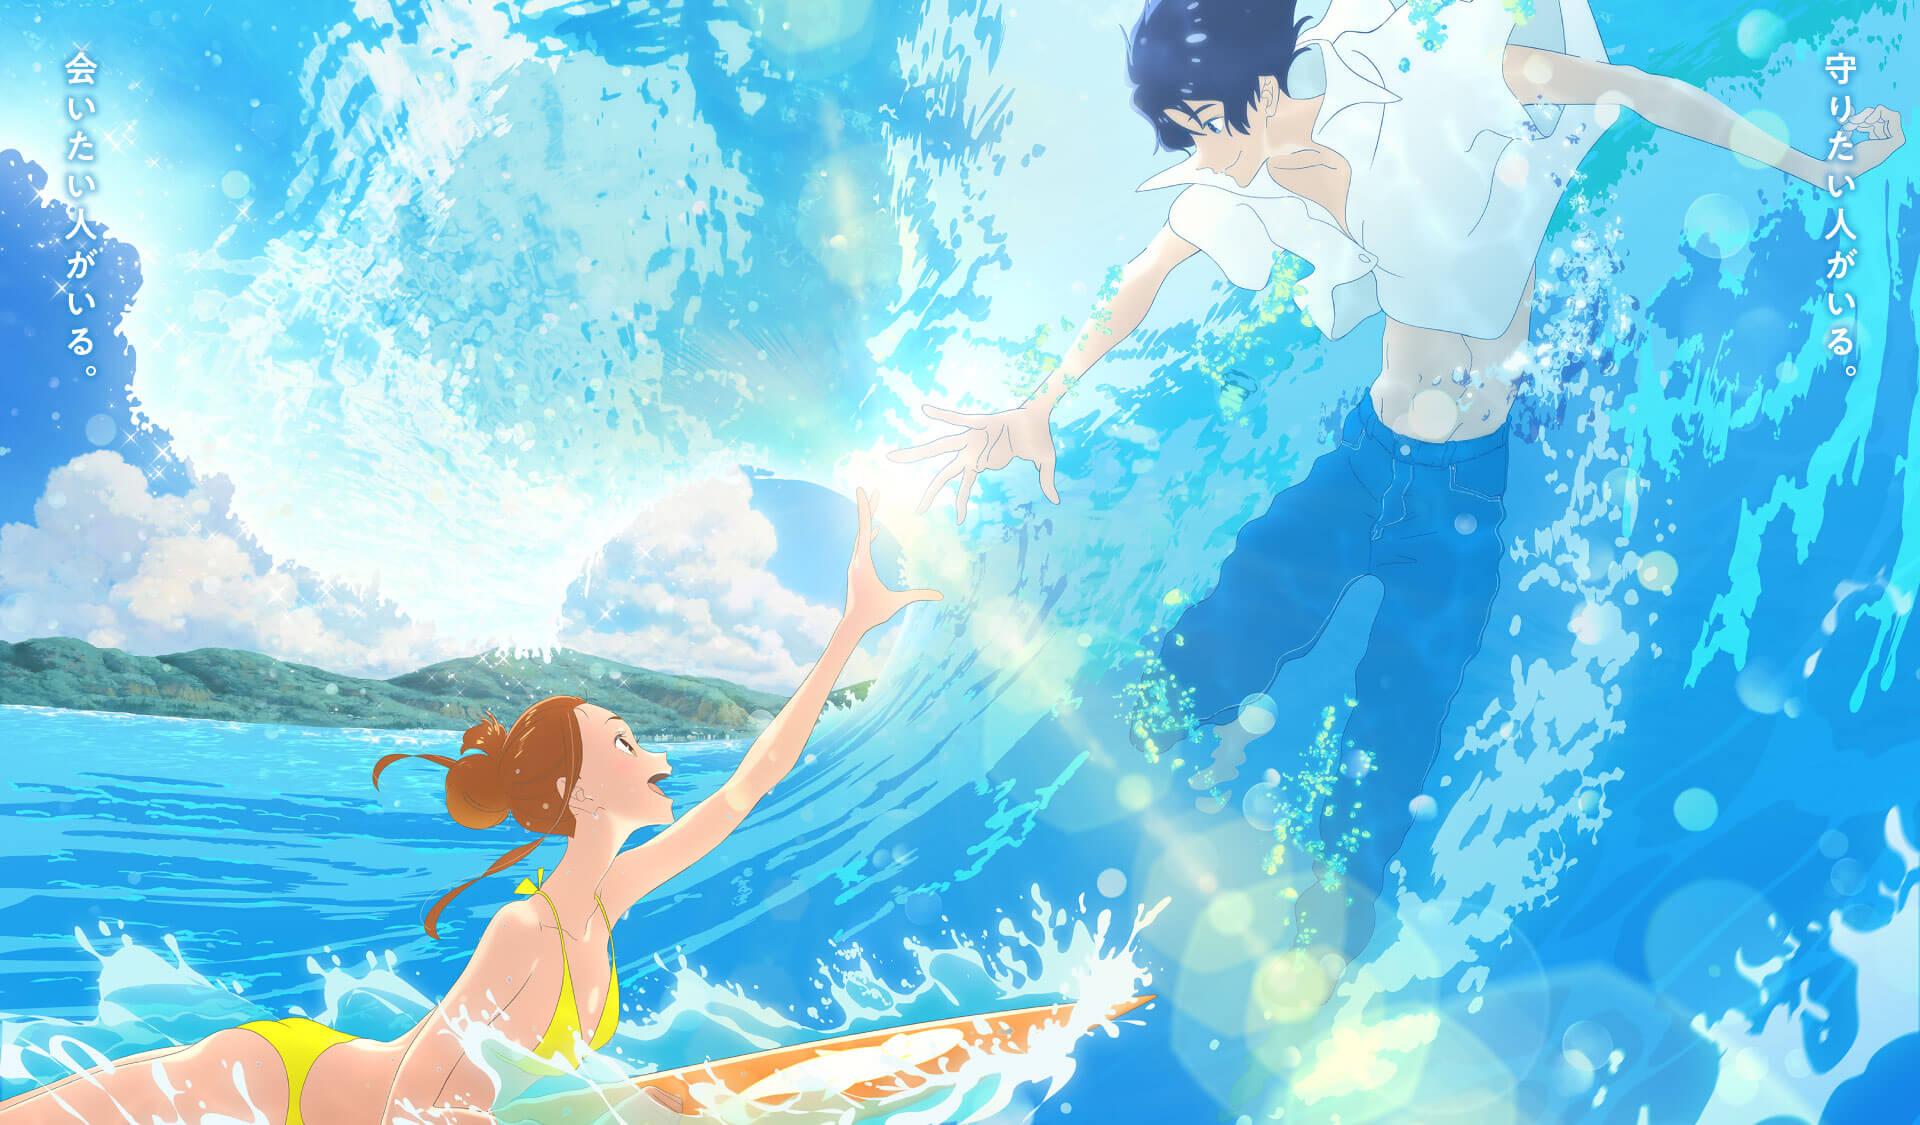 映画『きみと、波にのれたら』ネタバレ感想 ラブストーリーというより成長物語